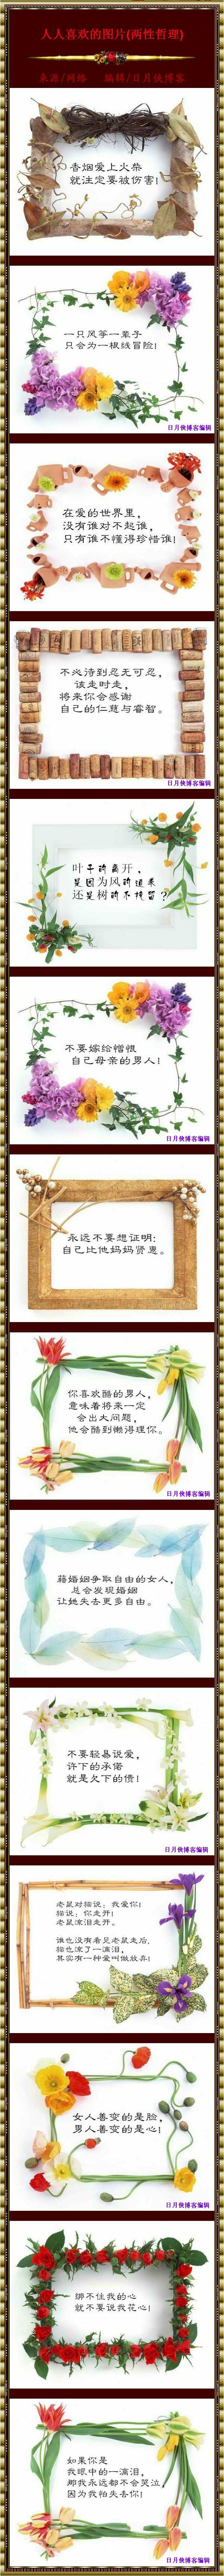 【两性哲理】无论男女都会喜欢的图片文字(图文) - 日月侠 - 日月侠博客